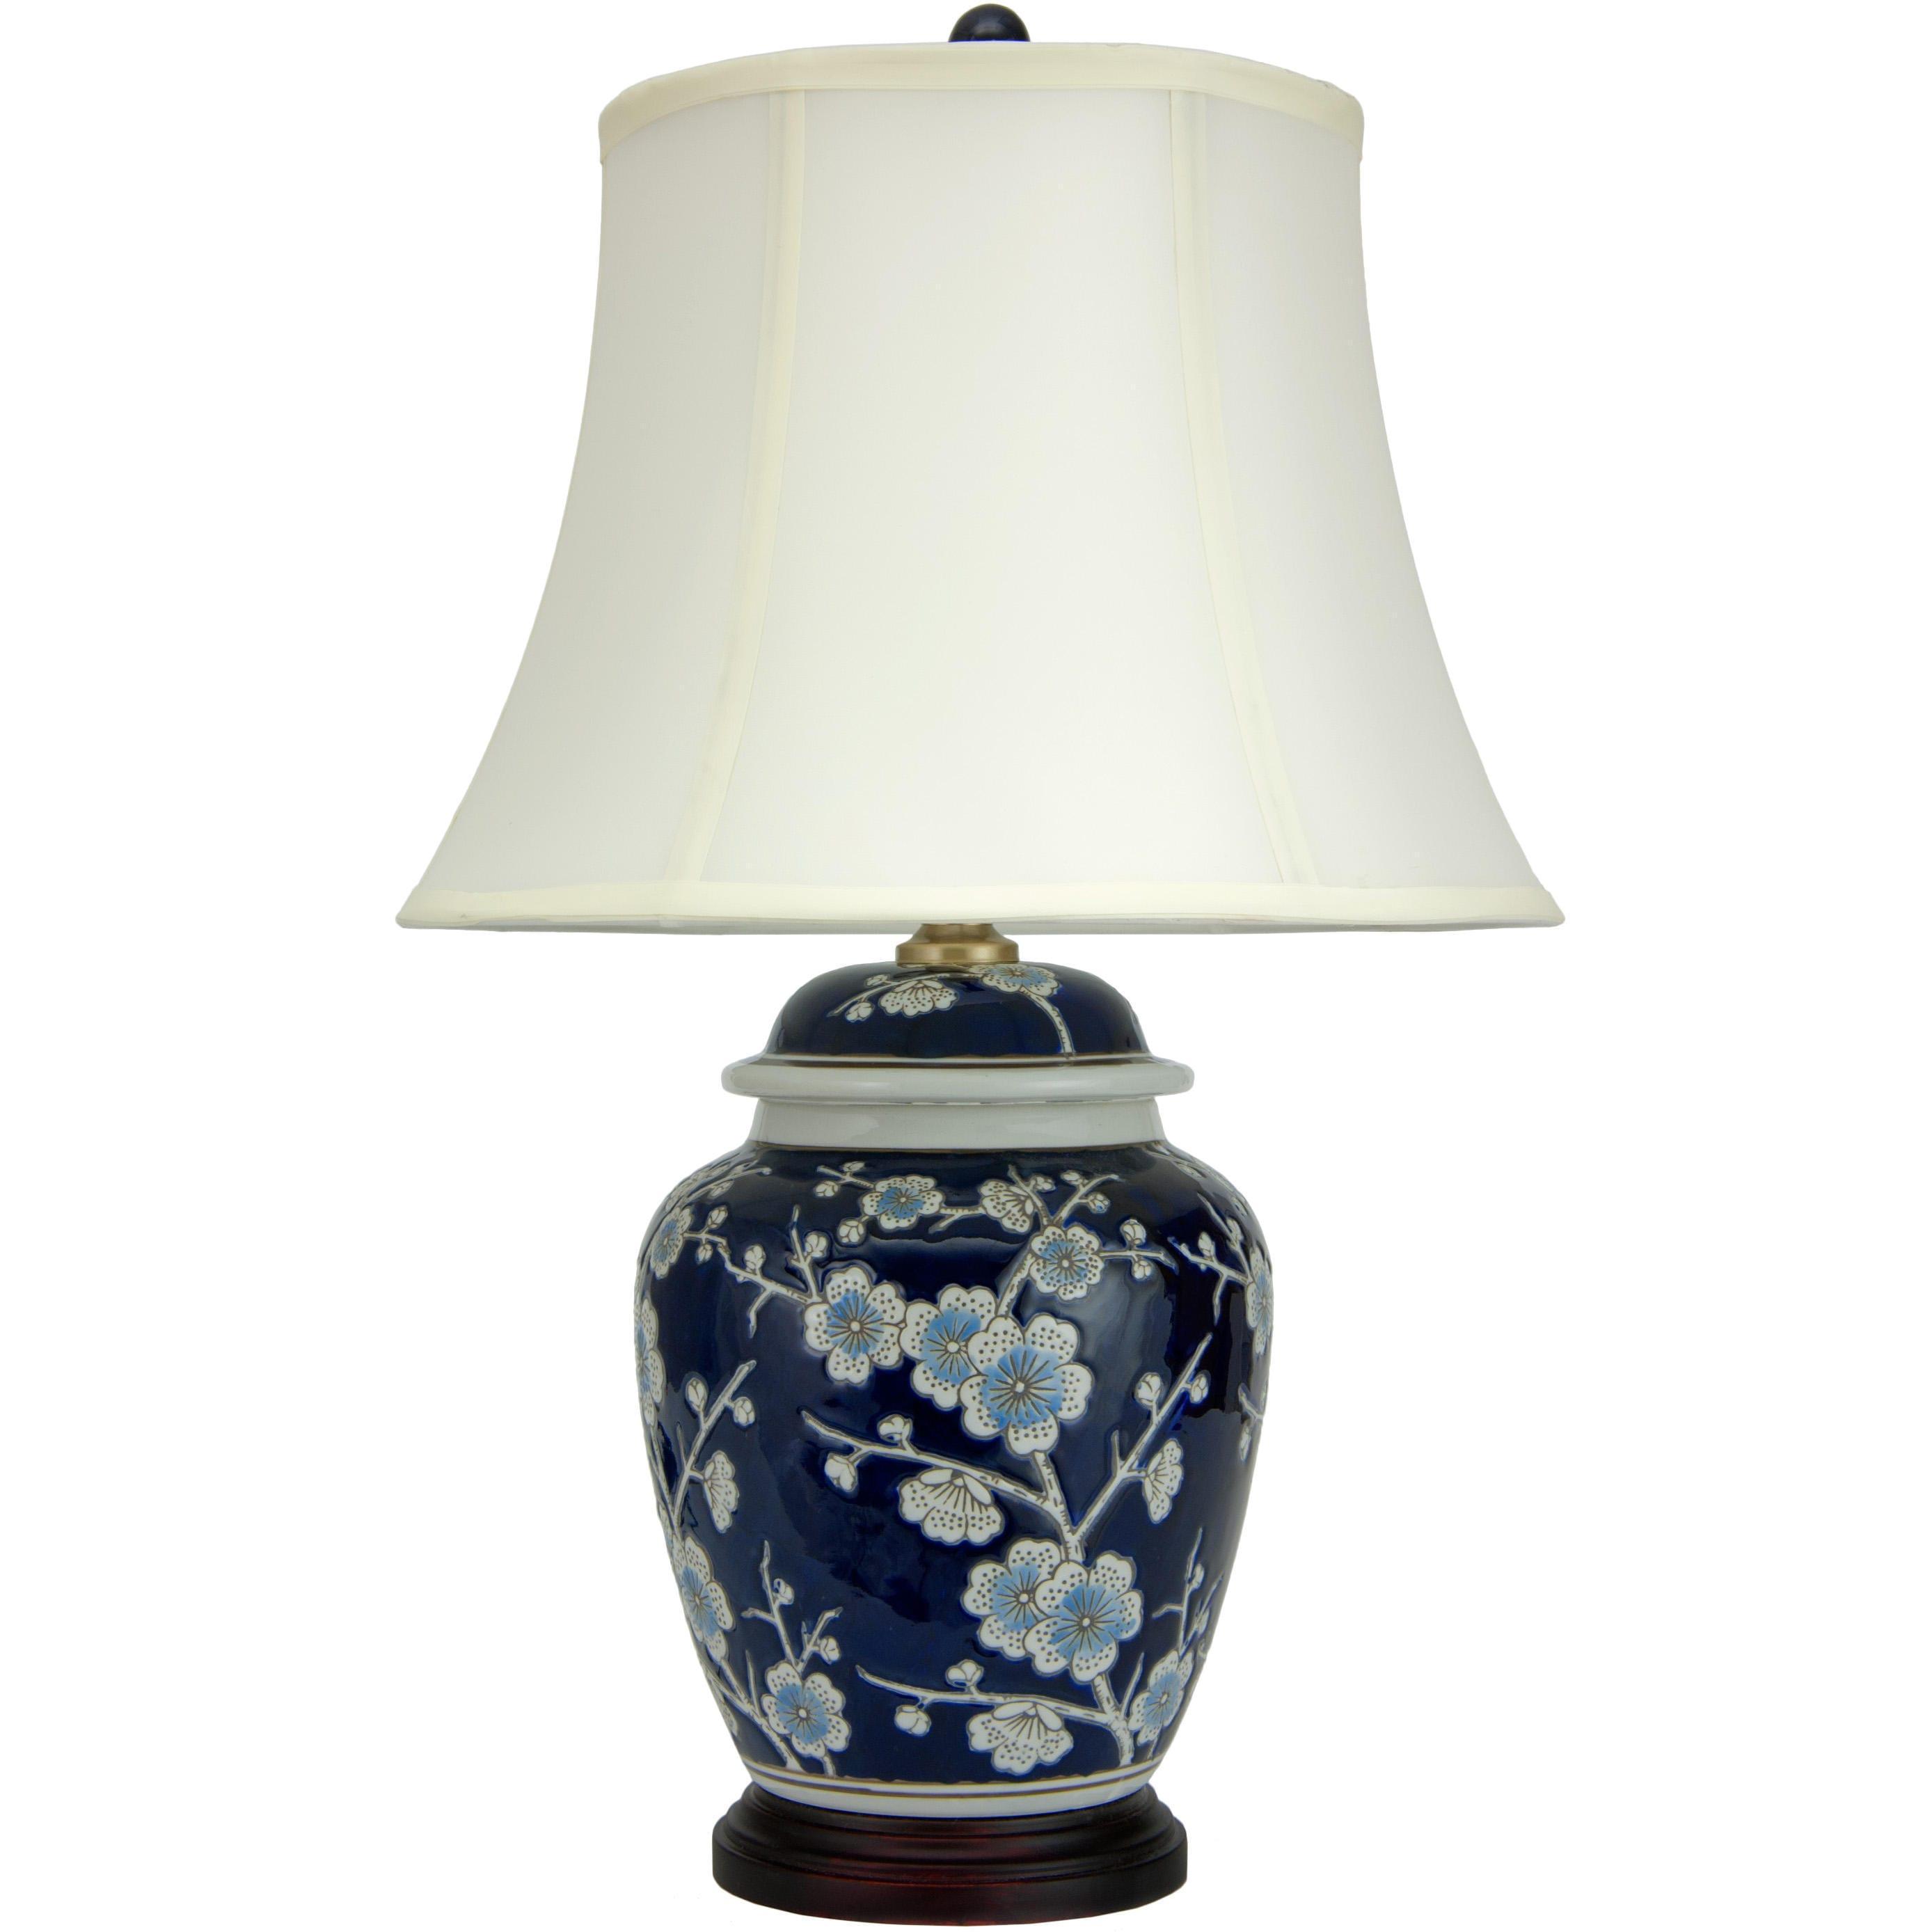 Handmade 22-inch Blue Cherry Blossom Lamp (China) (Fabric)